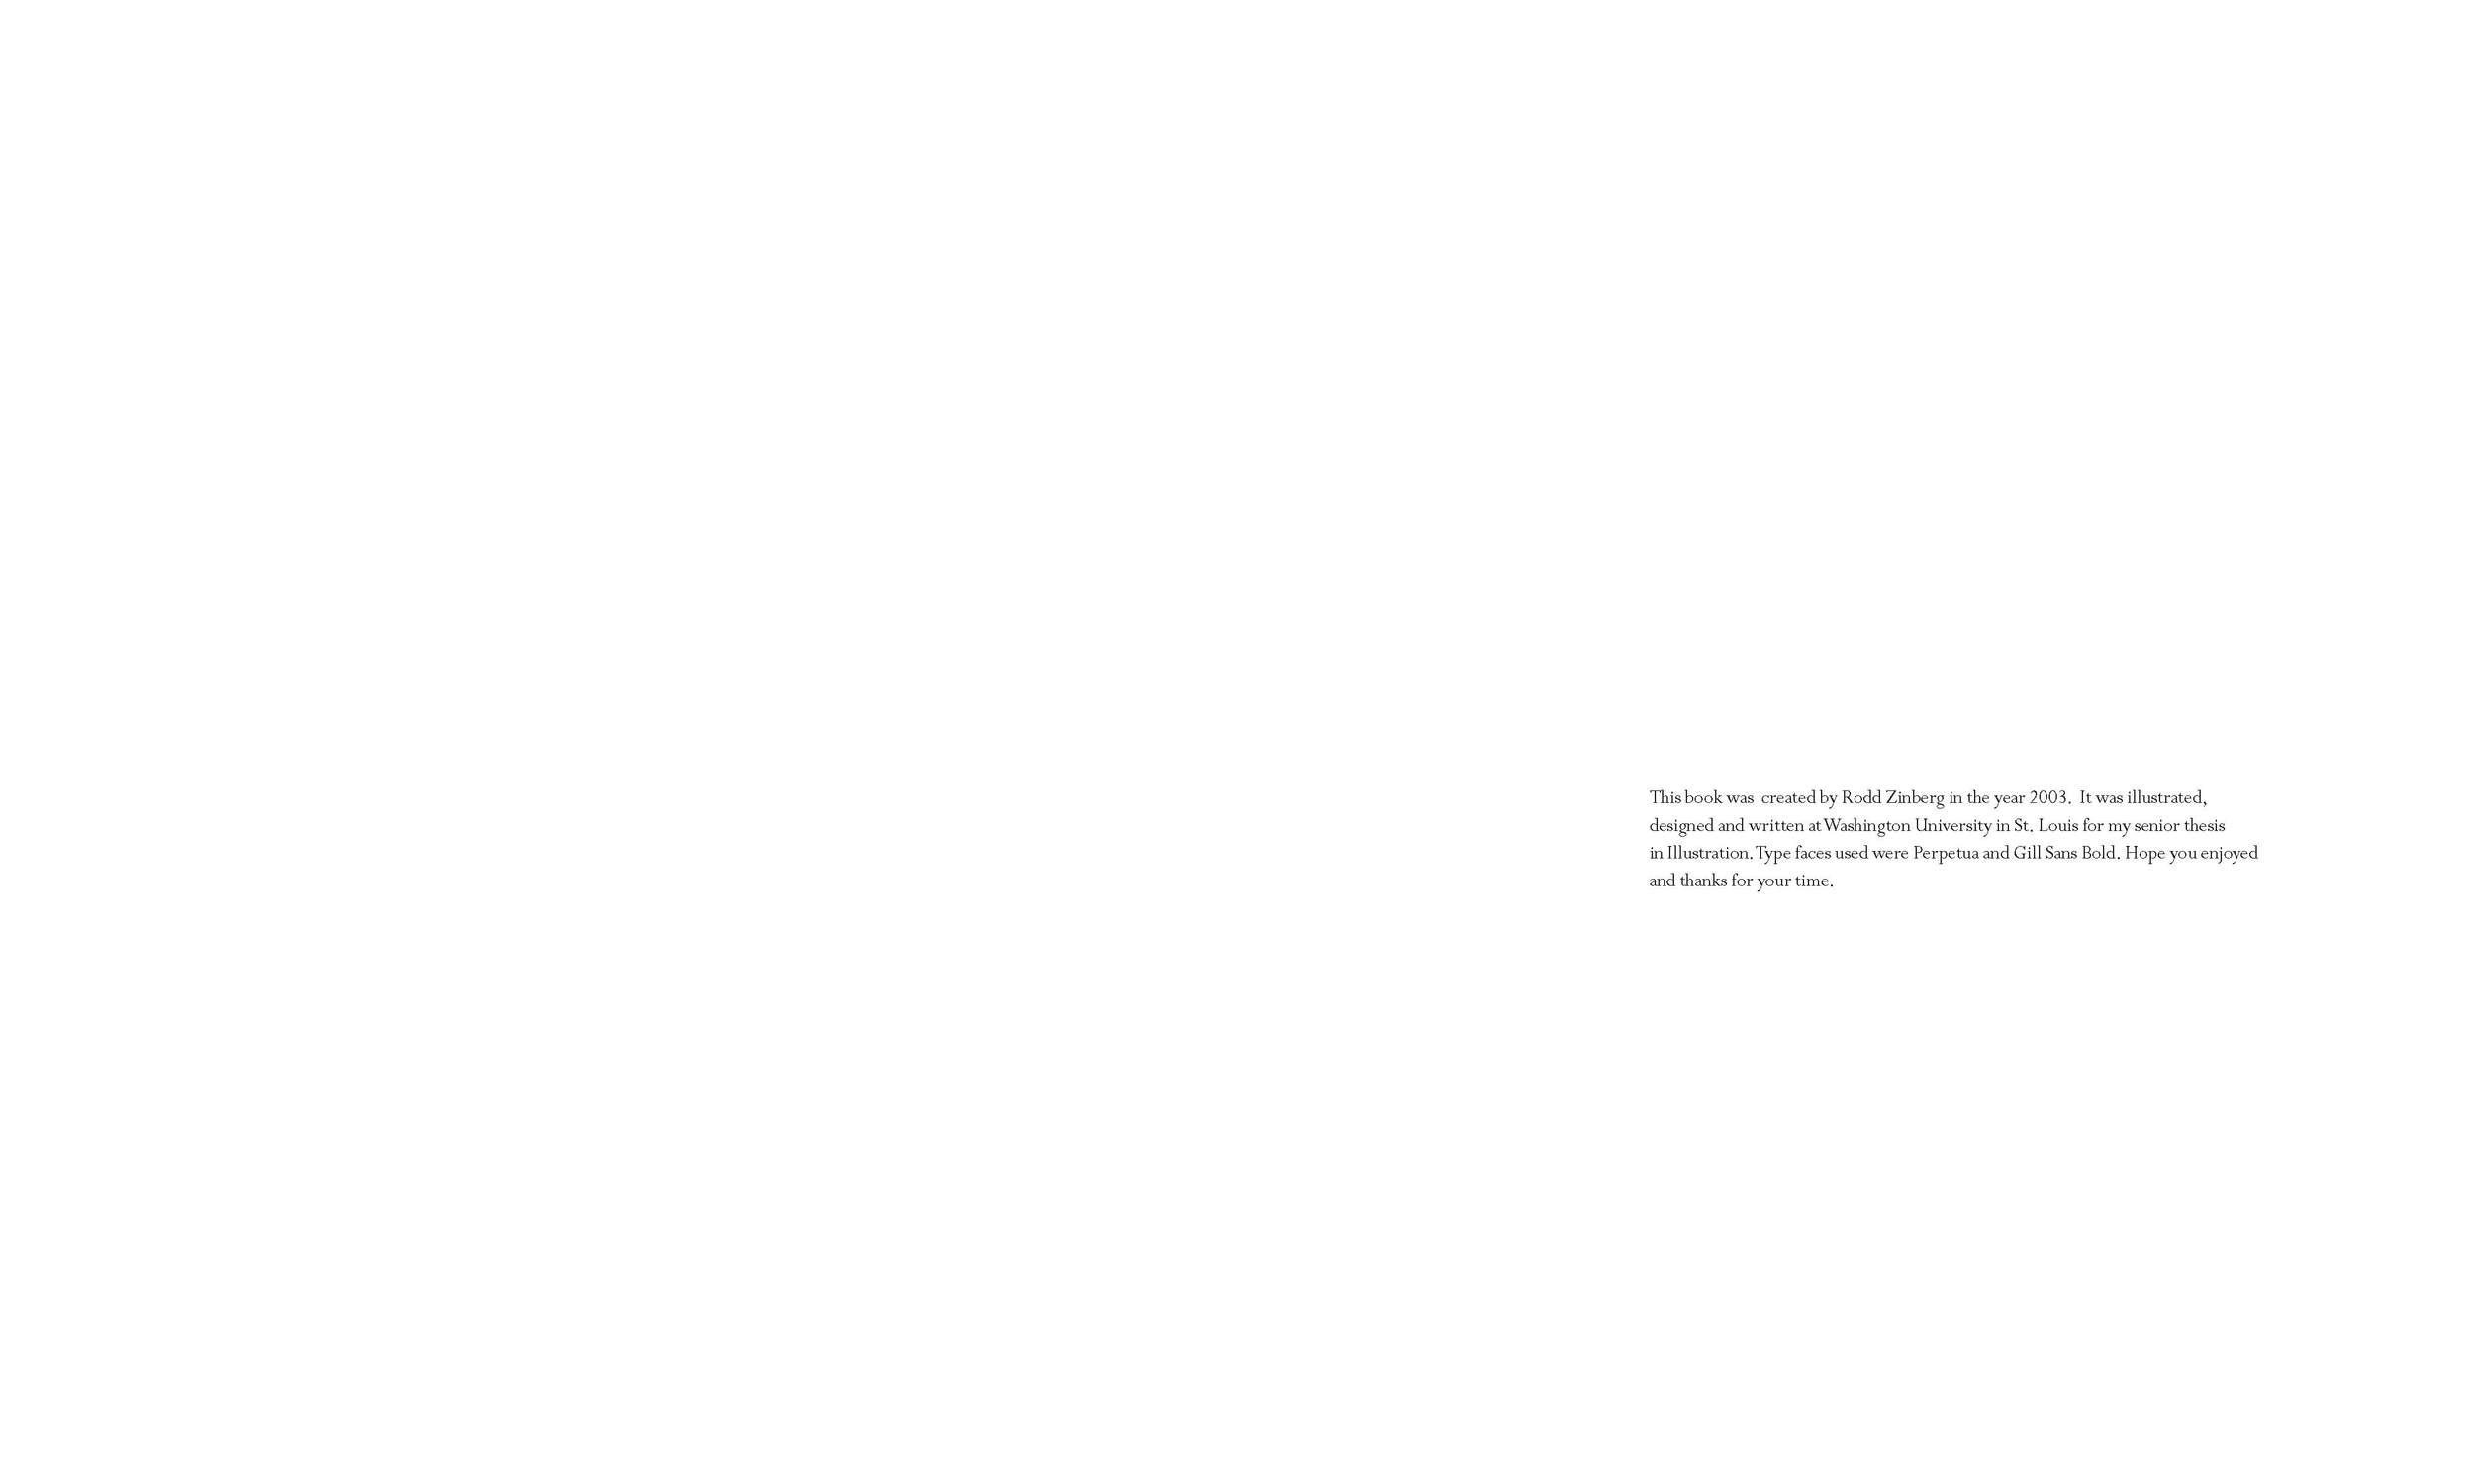 thesisbookfinal2_Page_19.jpg